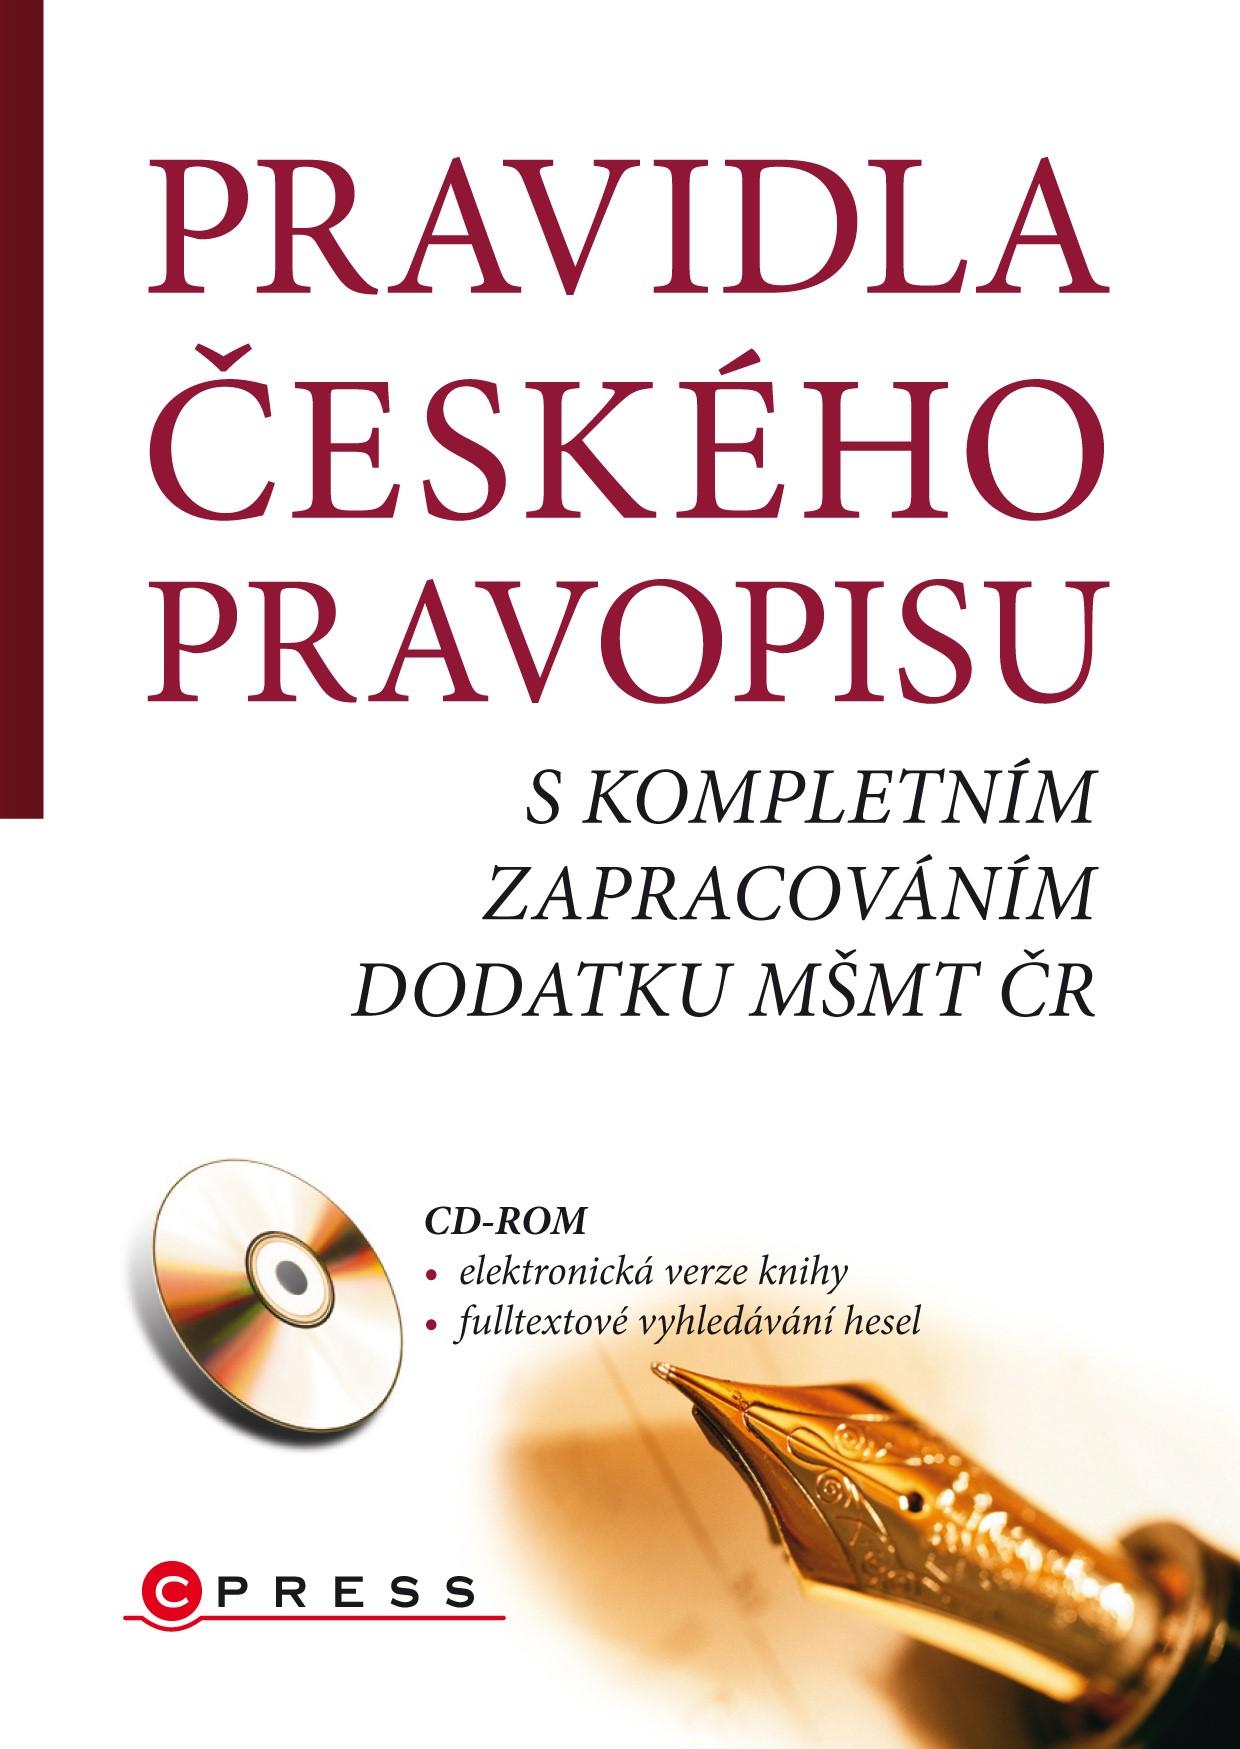 Pravidla českého pravopisu + CD | kolektiv